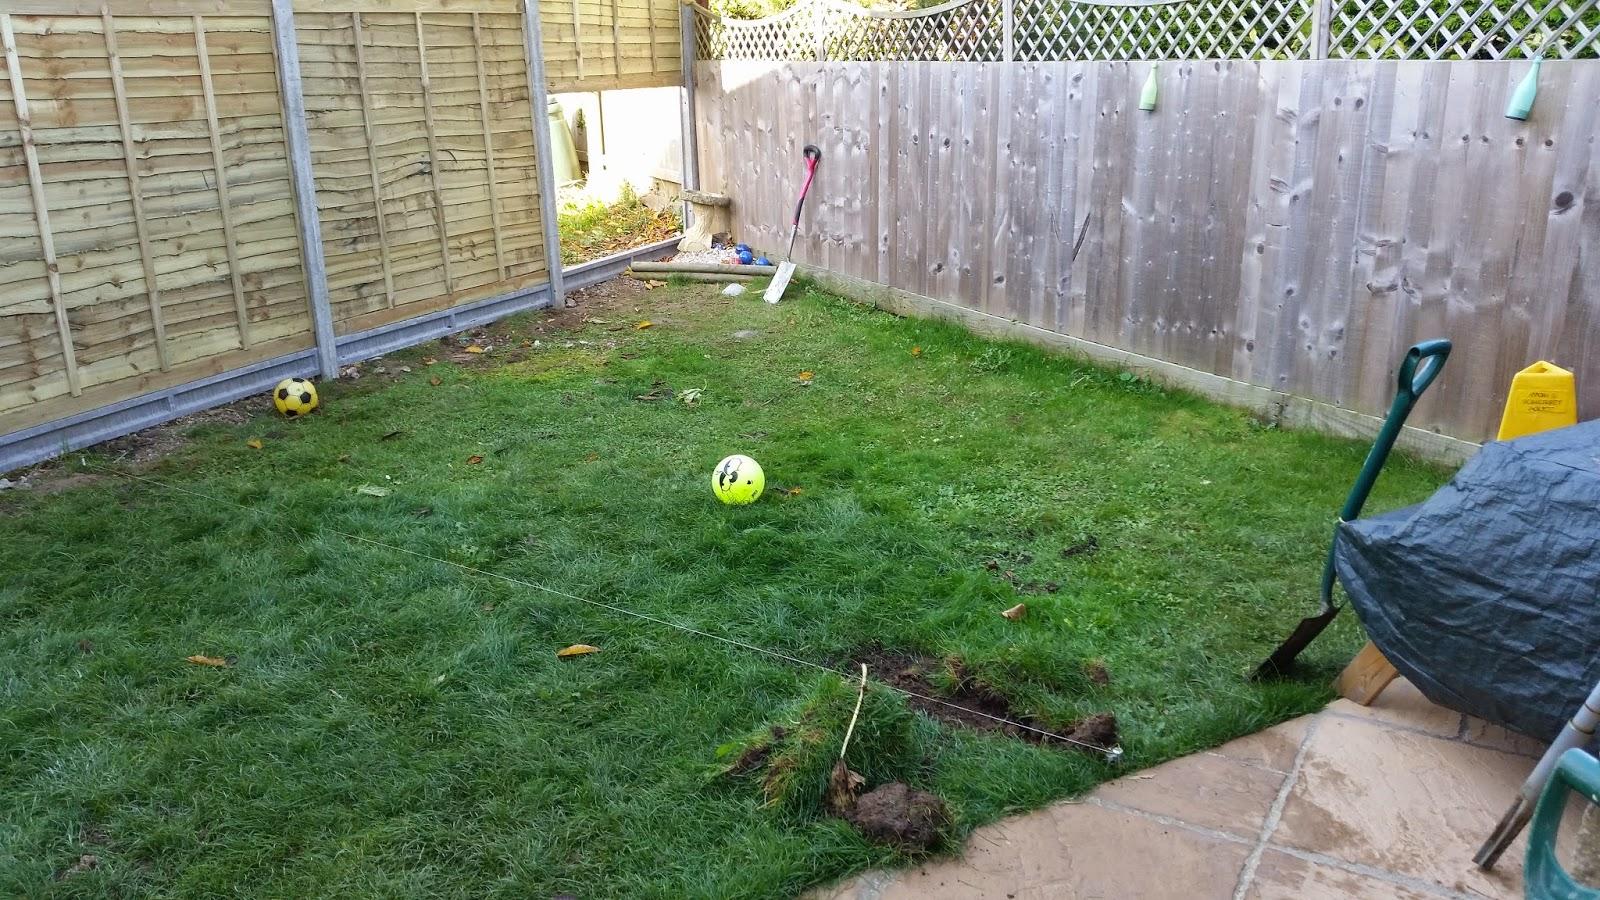 Yeovil somerset landscape gardener handyman landscaped garden and landscaped garden and new fence workwithnaturefo